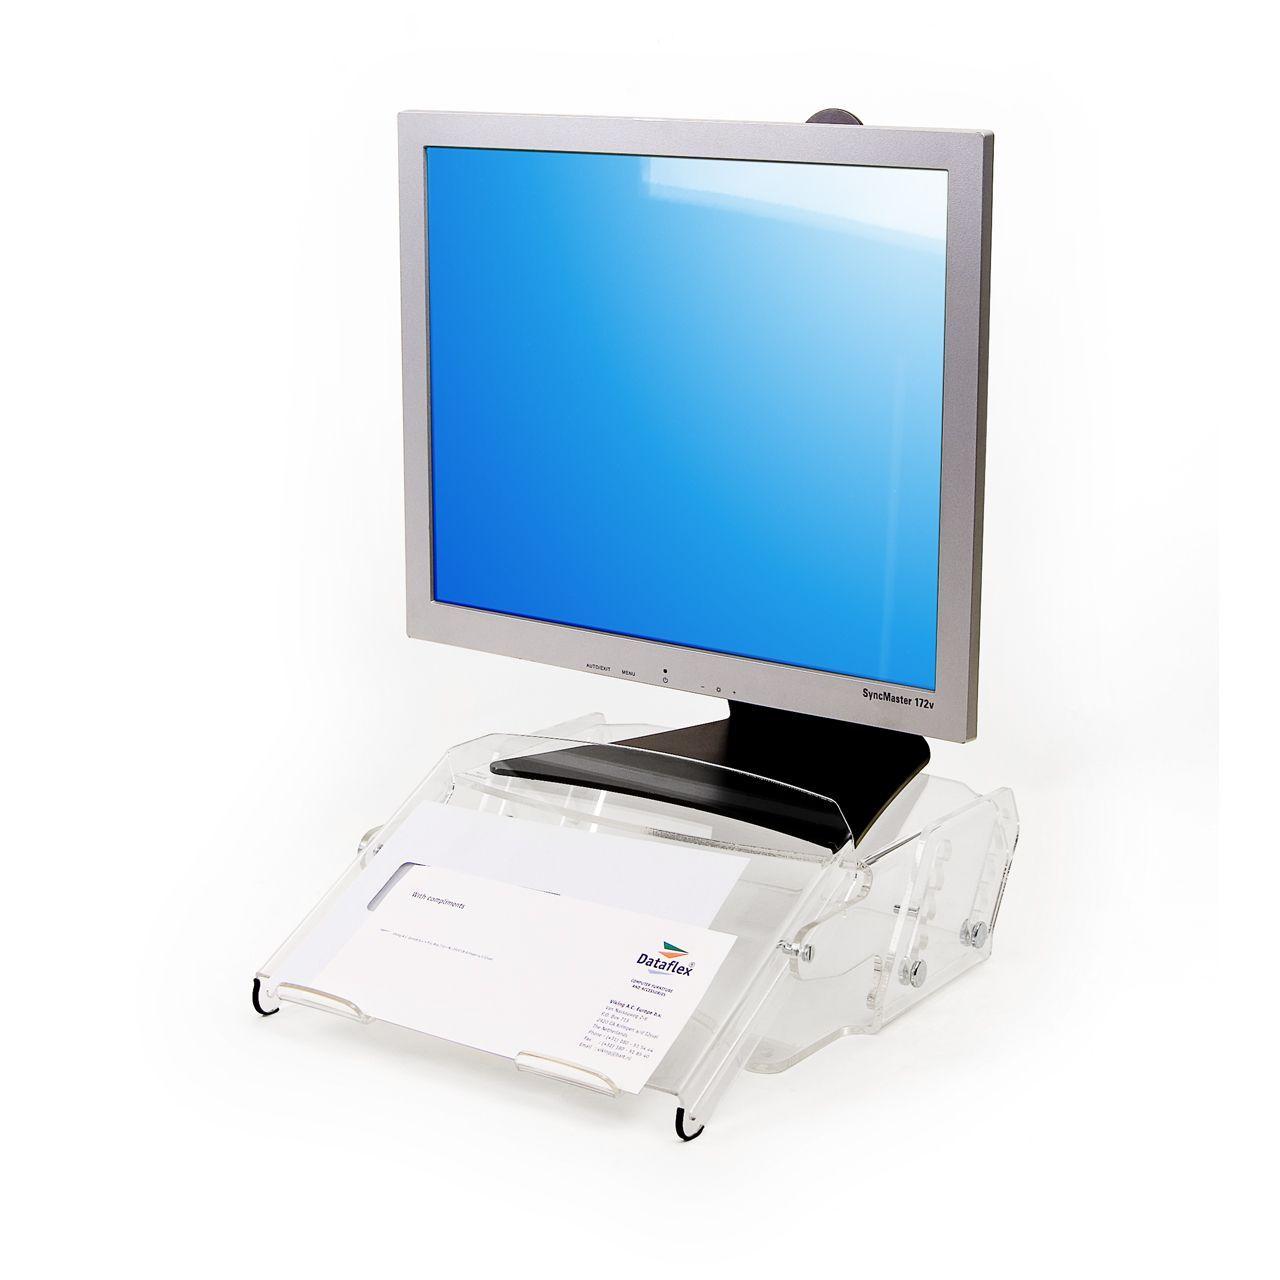 Ergoline-250-monitormate-monitorsteun-erkam2136_0000s_0000s_0002_met_scherm